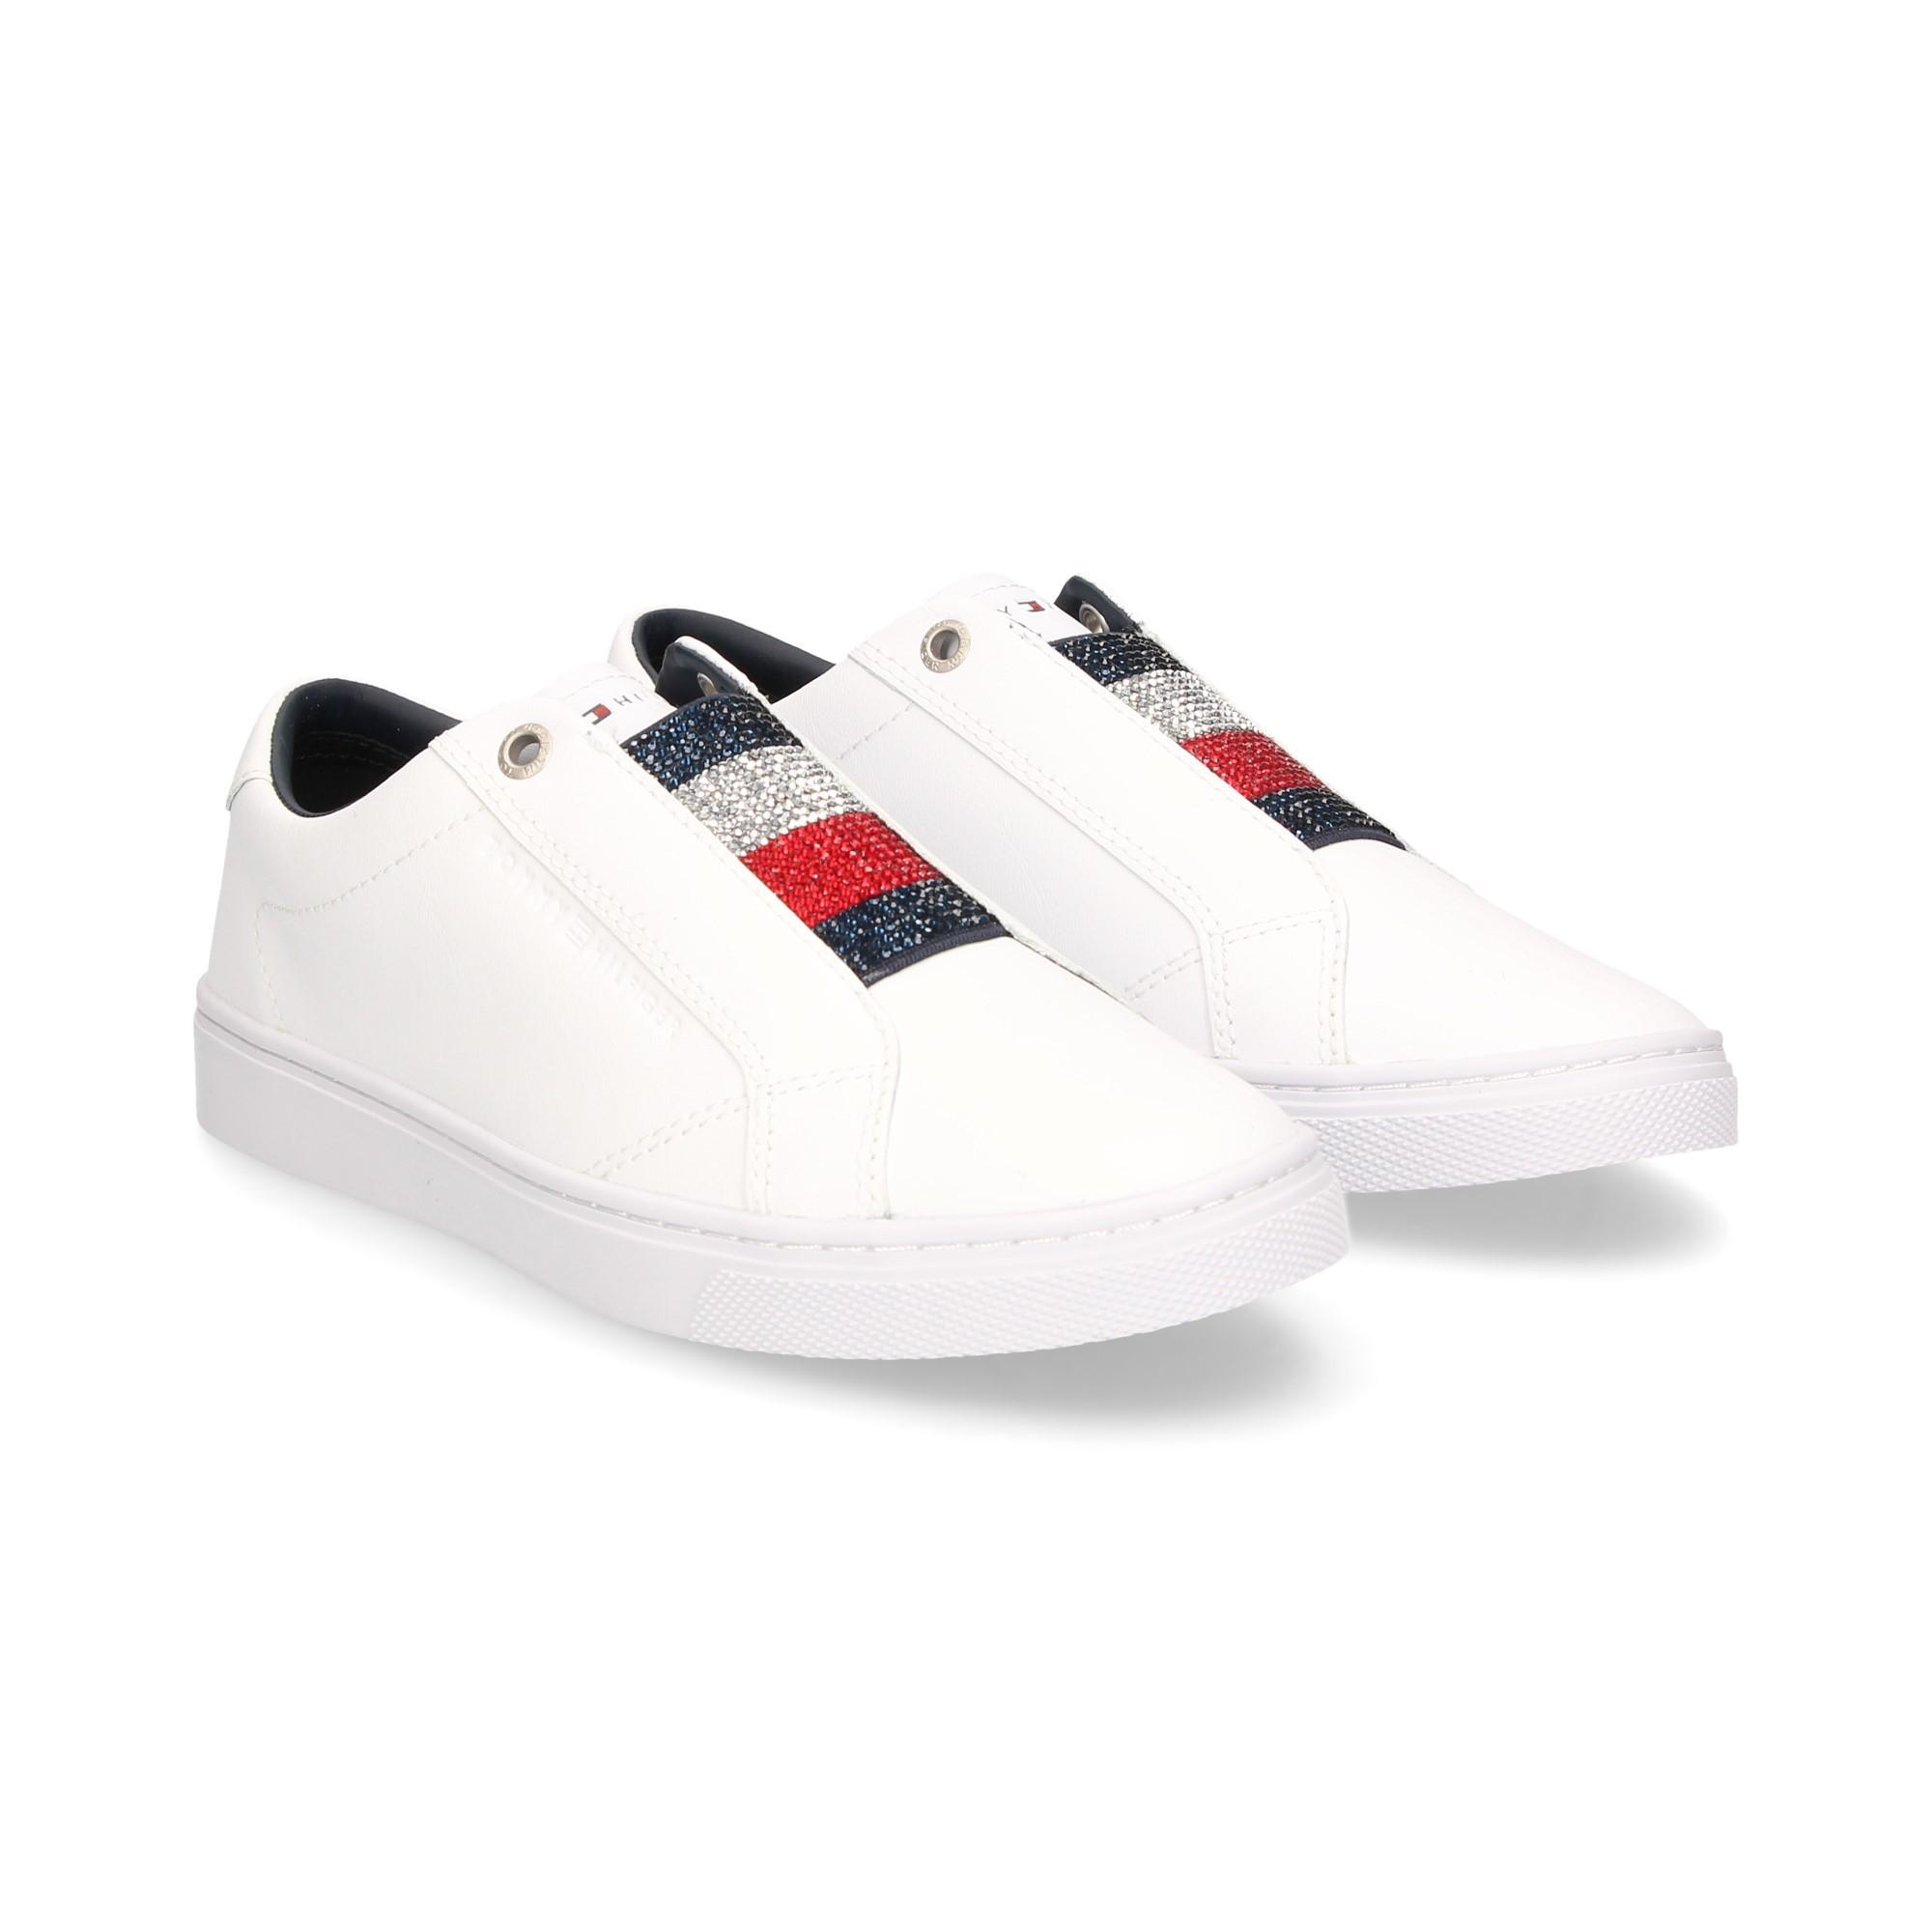 crisis Cuerda Temporada  tommy hilfiger blanco tennis zapatillas new style 24879 b6ad5